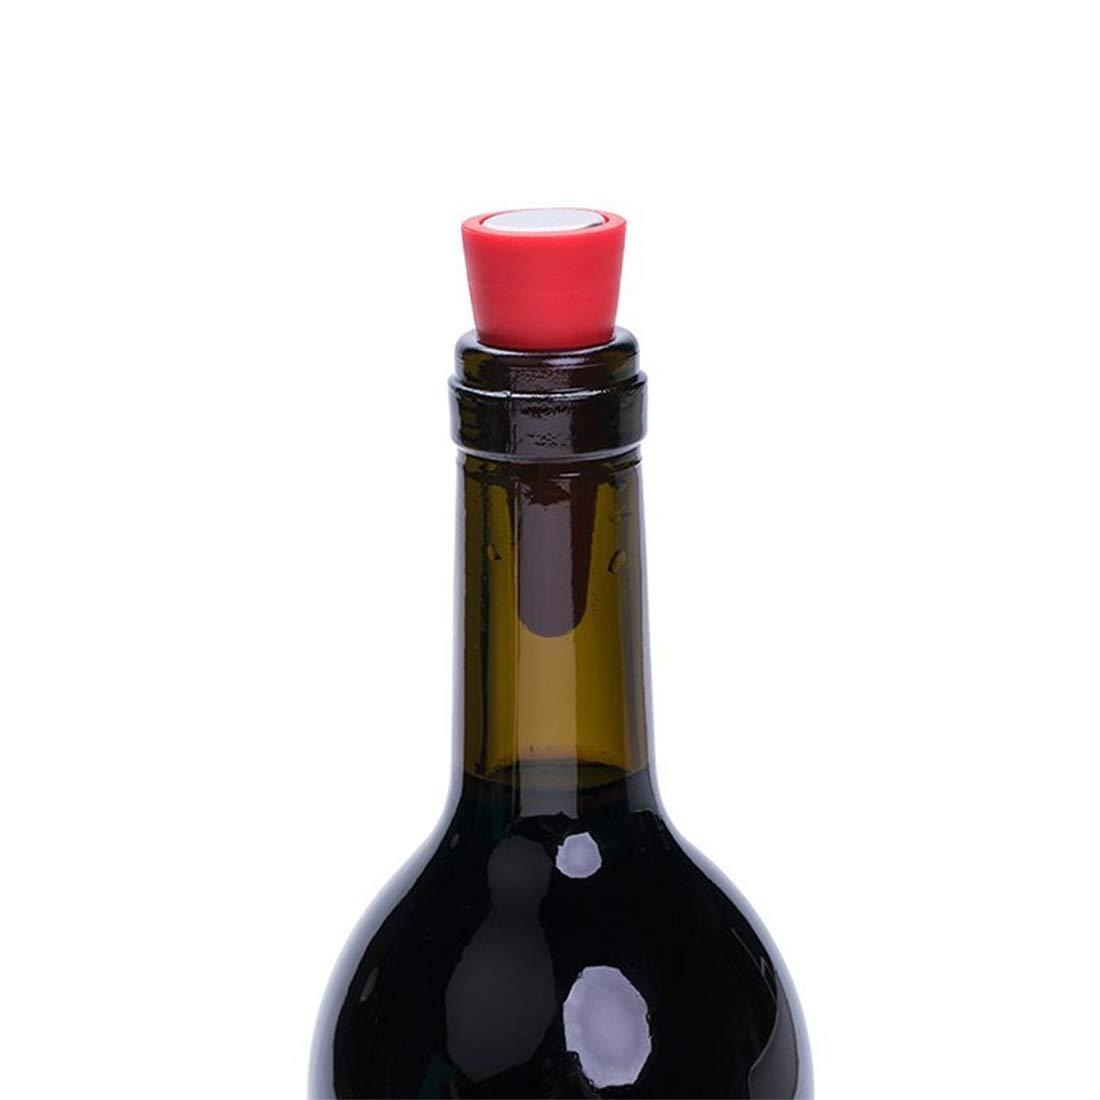 Carry stone Bouchons de vin cr/éatifs Bouchons de Bouteilles de Boisson en Silicone r/éutilisables Bouchons de Bouteilles /à vis filet/é Rouge 1PCS